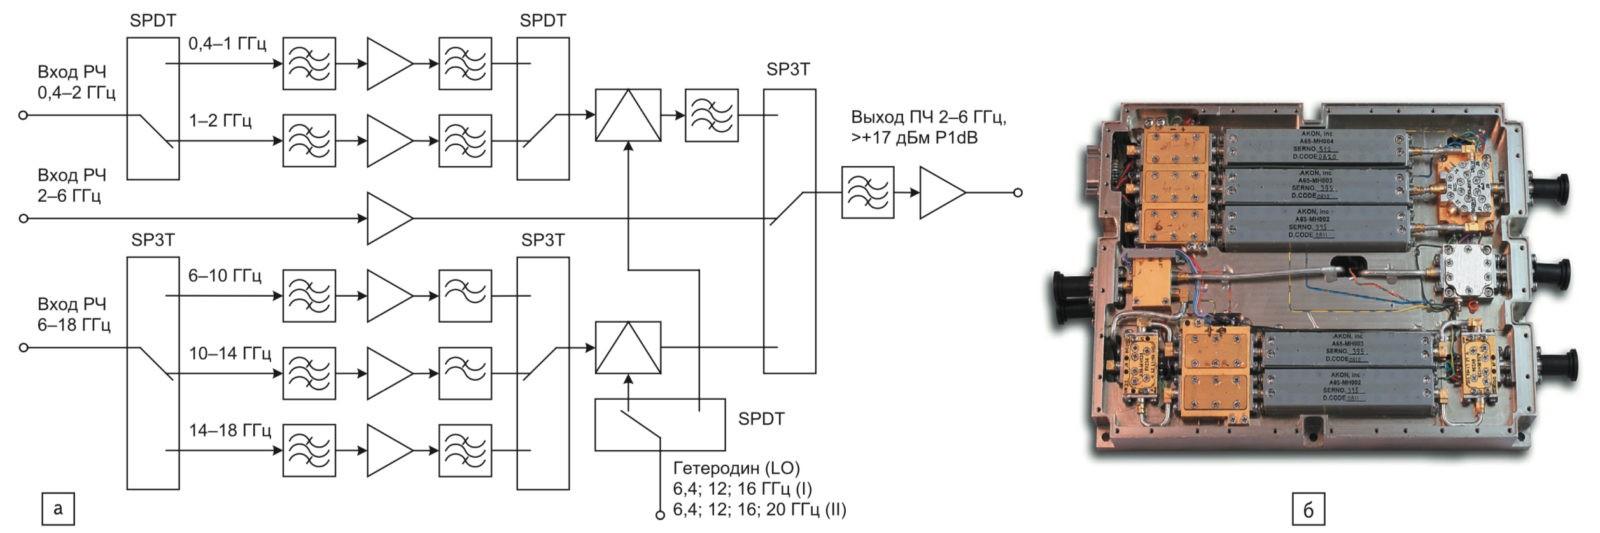 Использование комбинации сверхширокополосных преобразователей с повышением и понижением частоты A20-MX084 от компании AKON; б) конструктивное исполнение шестиполосного тюнера на основе преобразователя A20-MX084